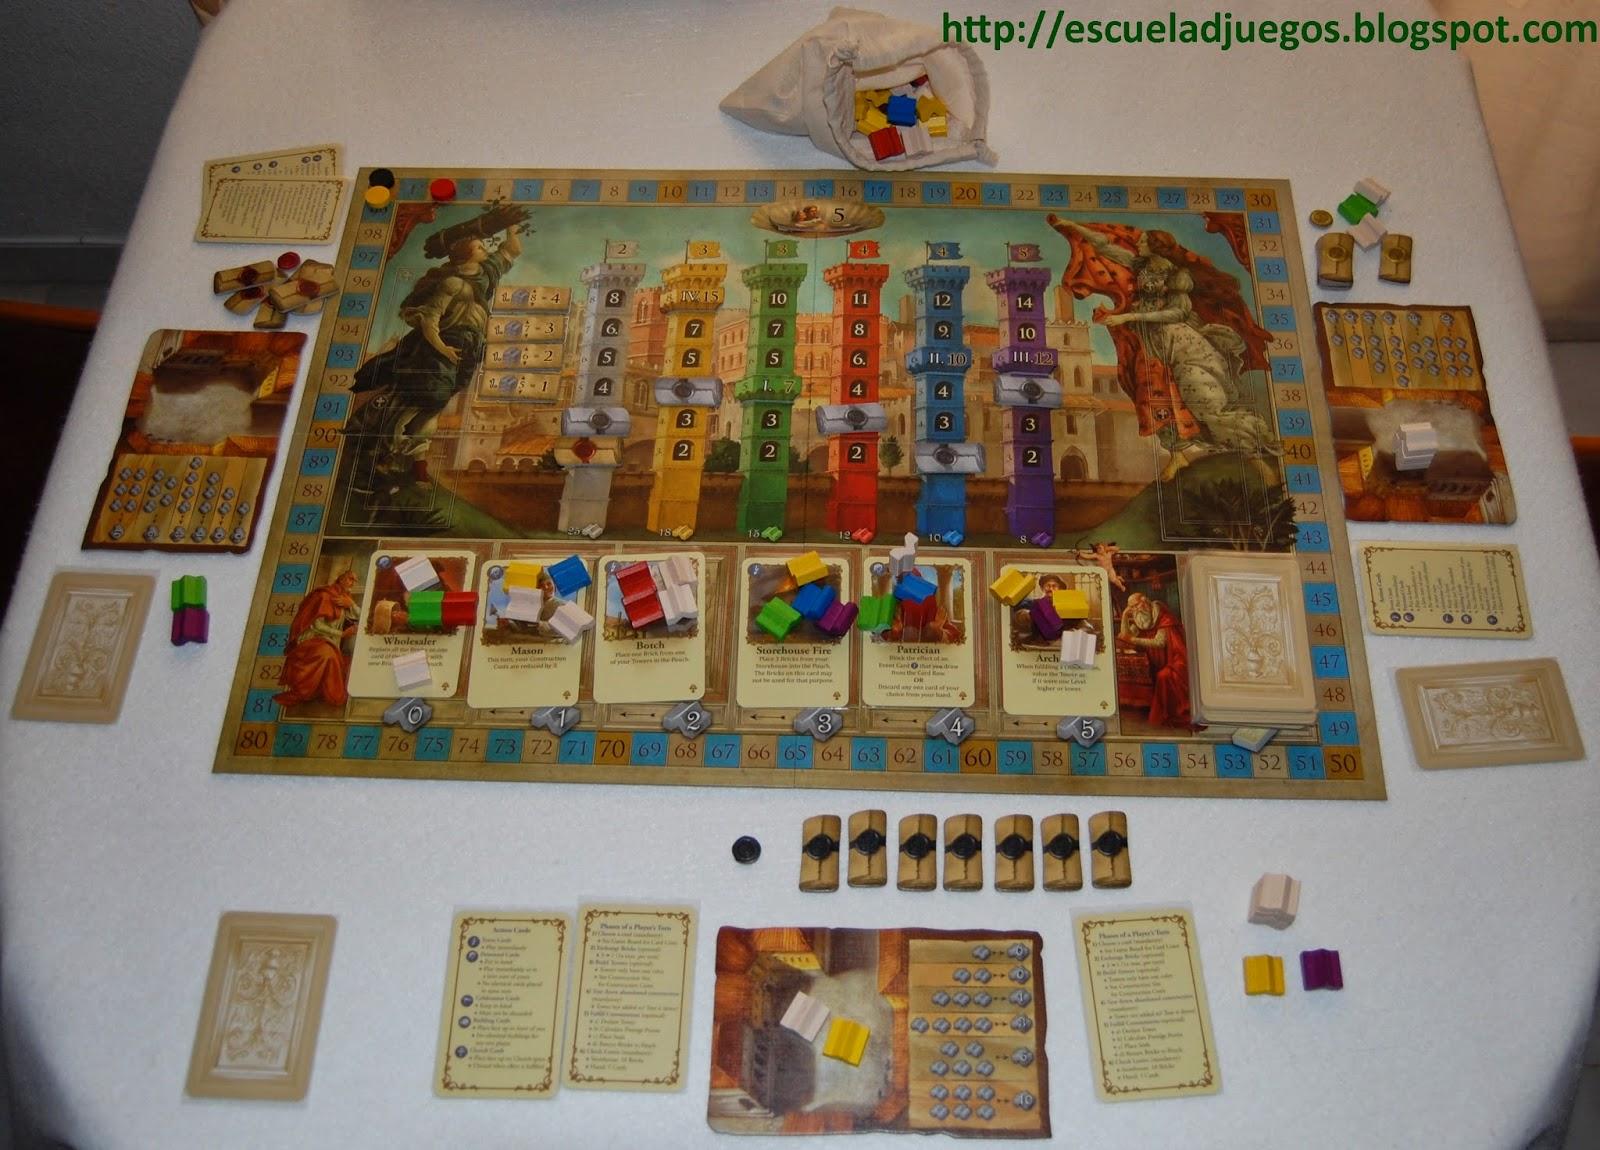 Review del juego de mesa Firenze de Pegasus spiele y traducción de las reglas en castellano por Escuela de juegos